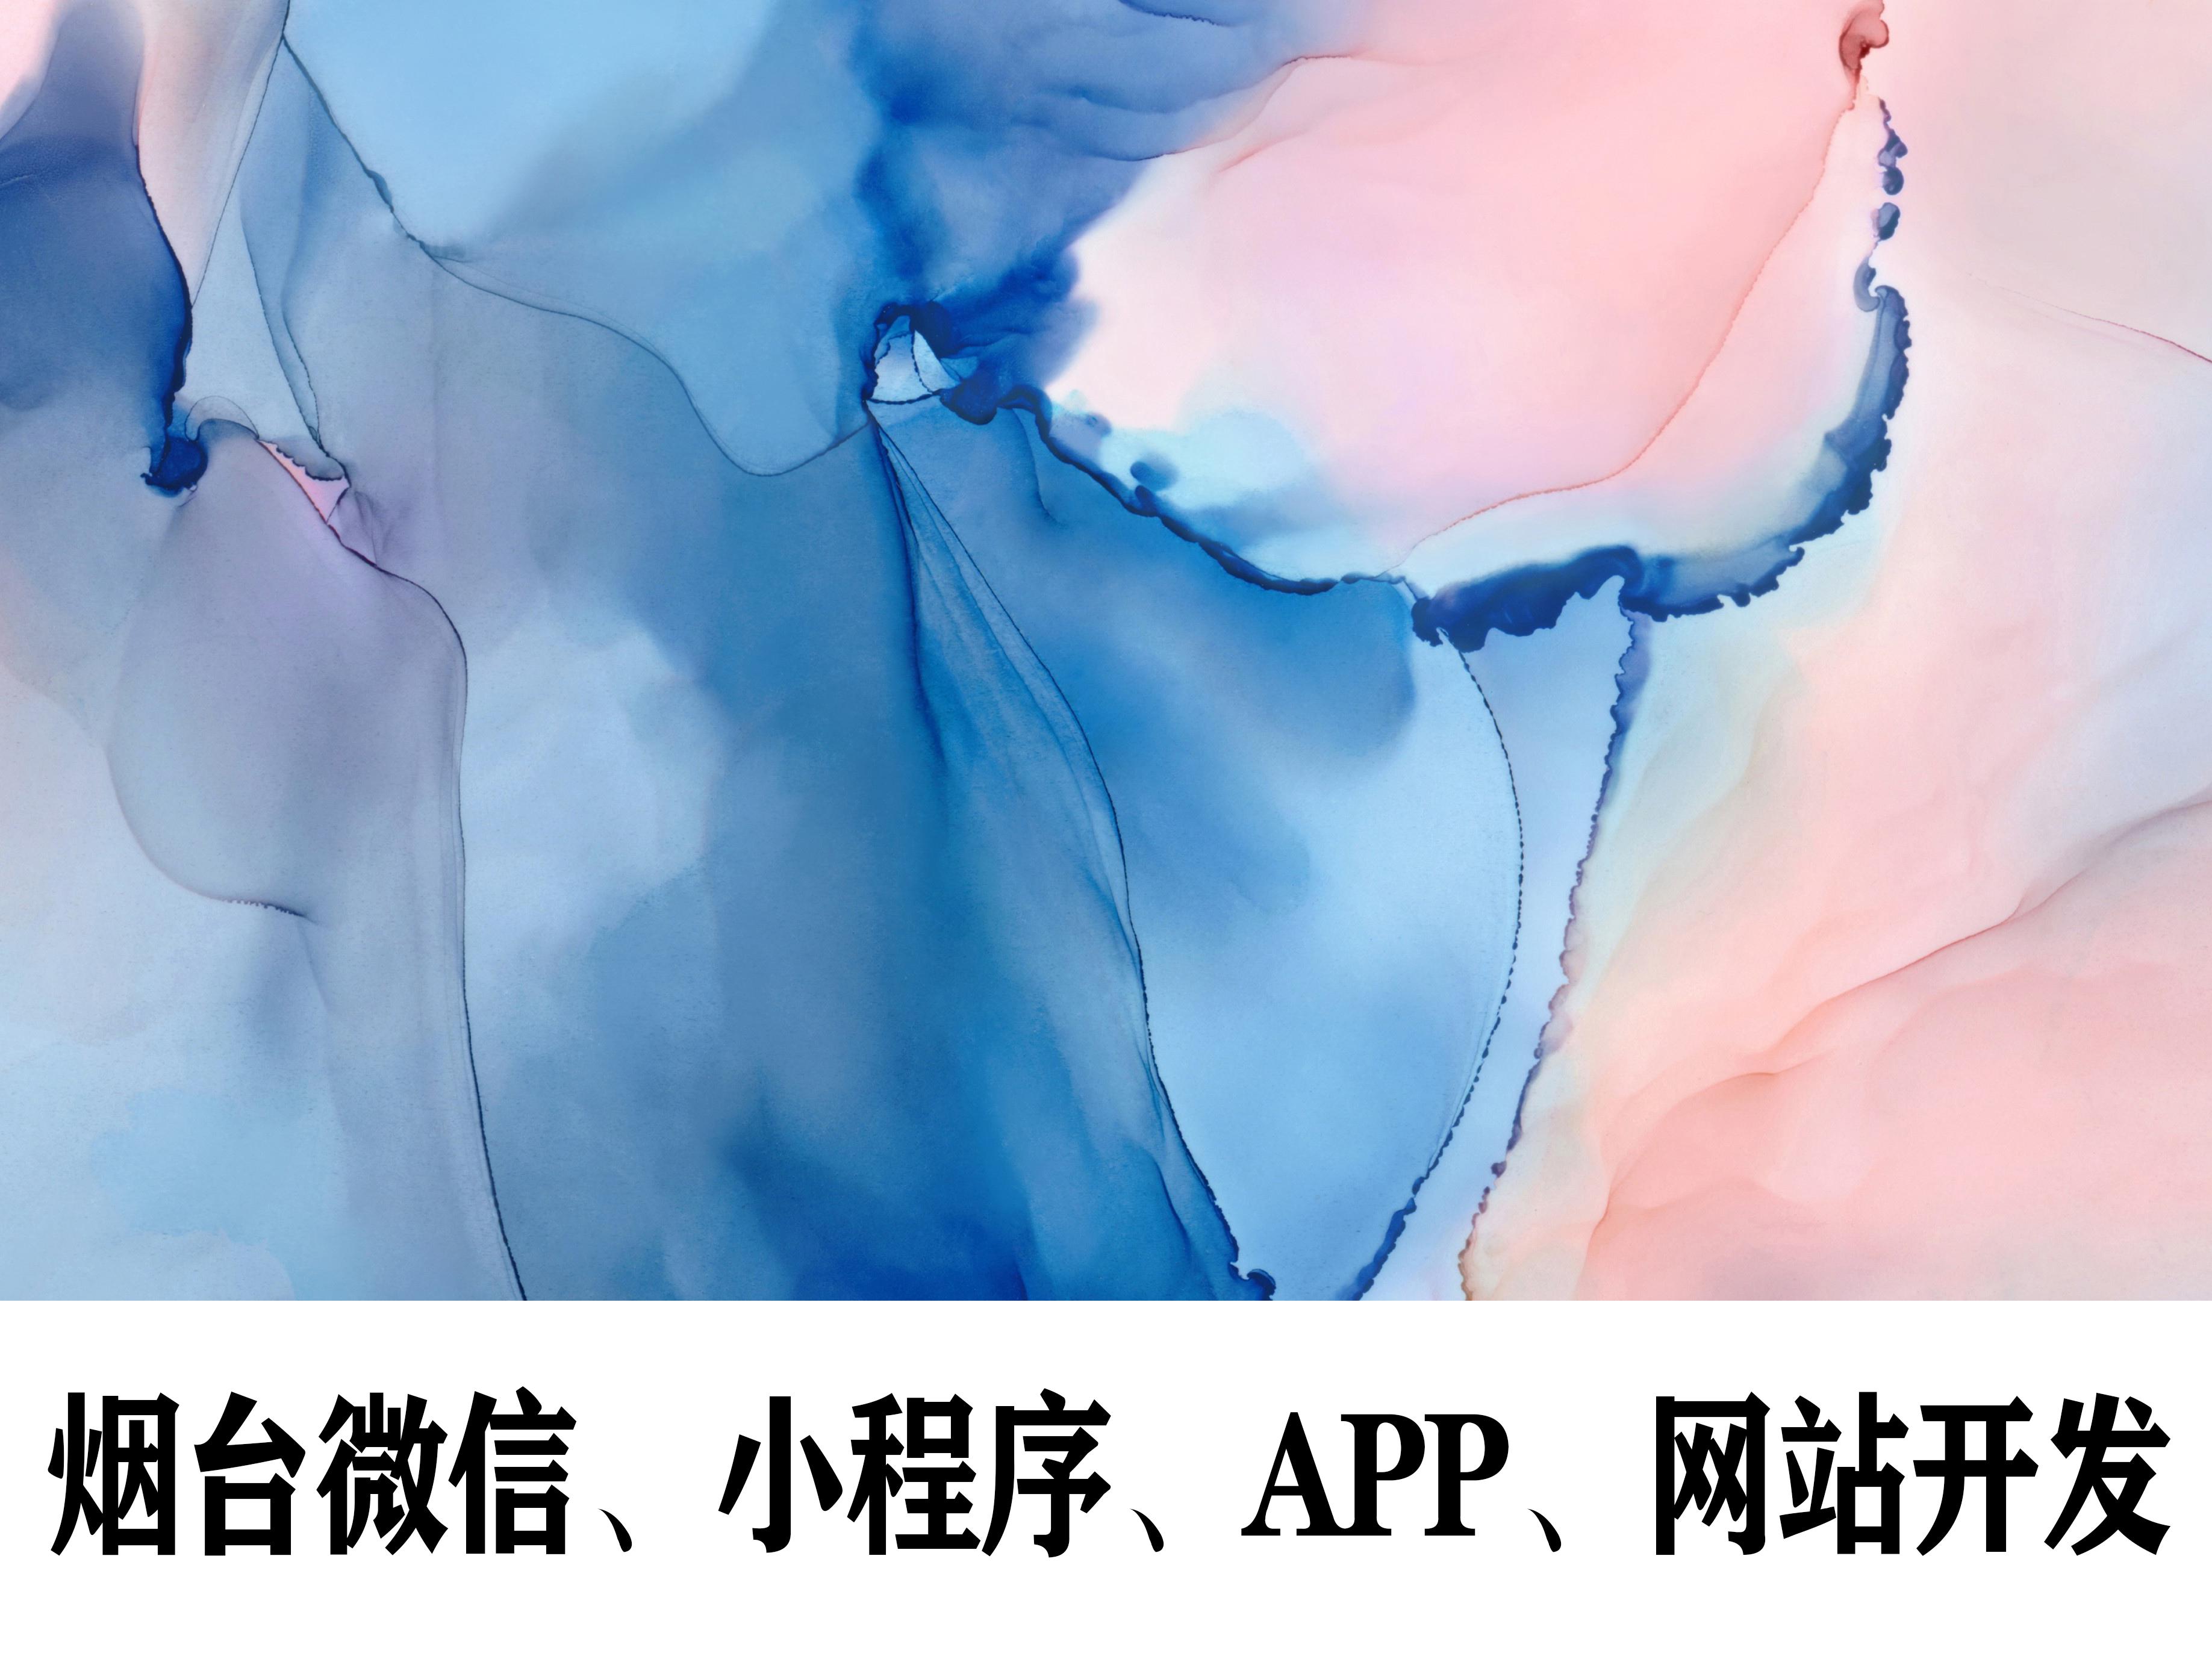 烟台APP开发:APP怎样给用户留下好印象?